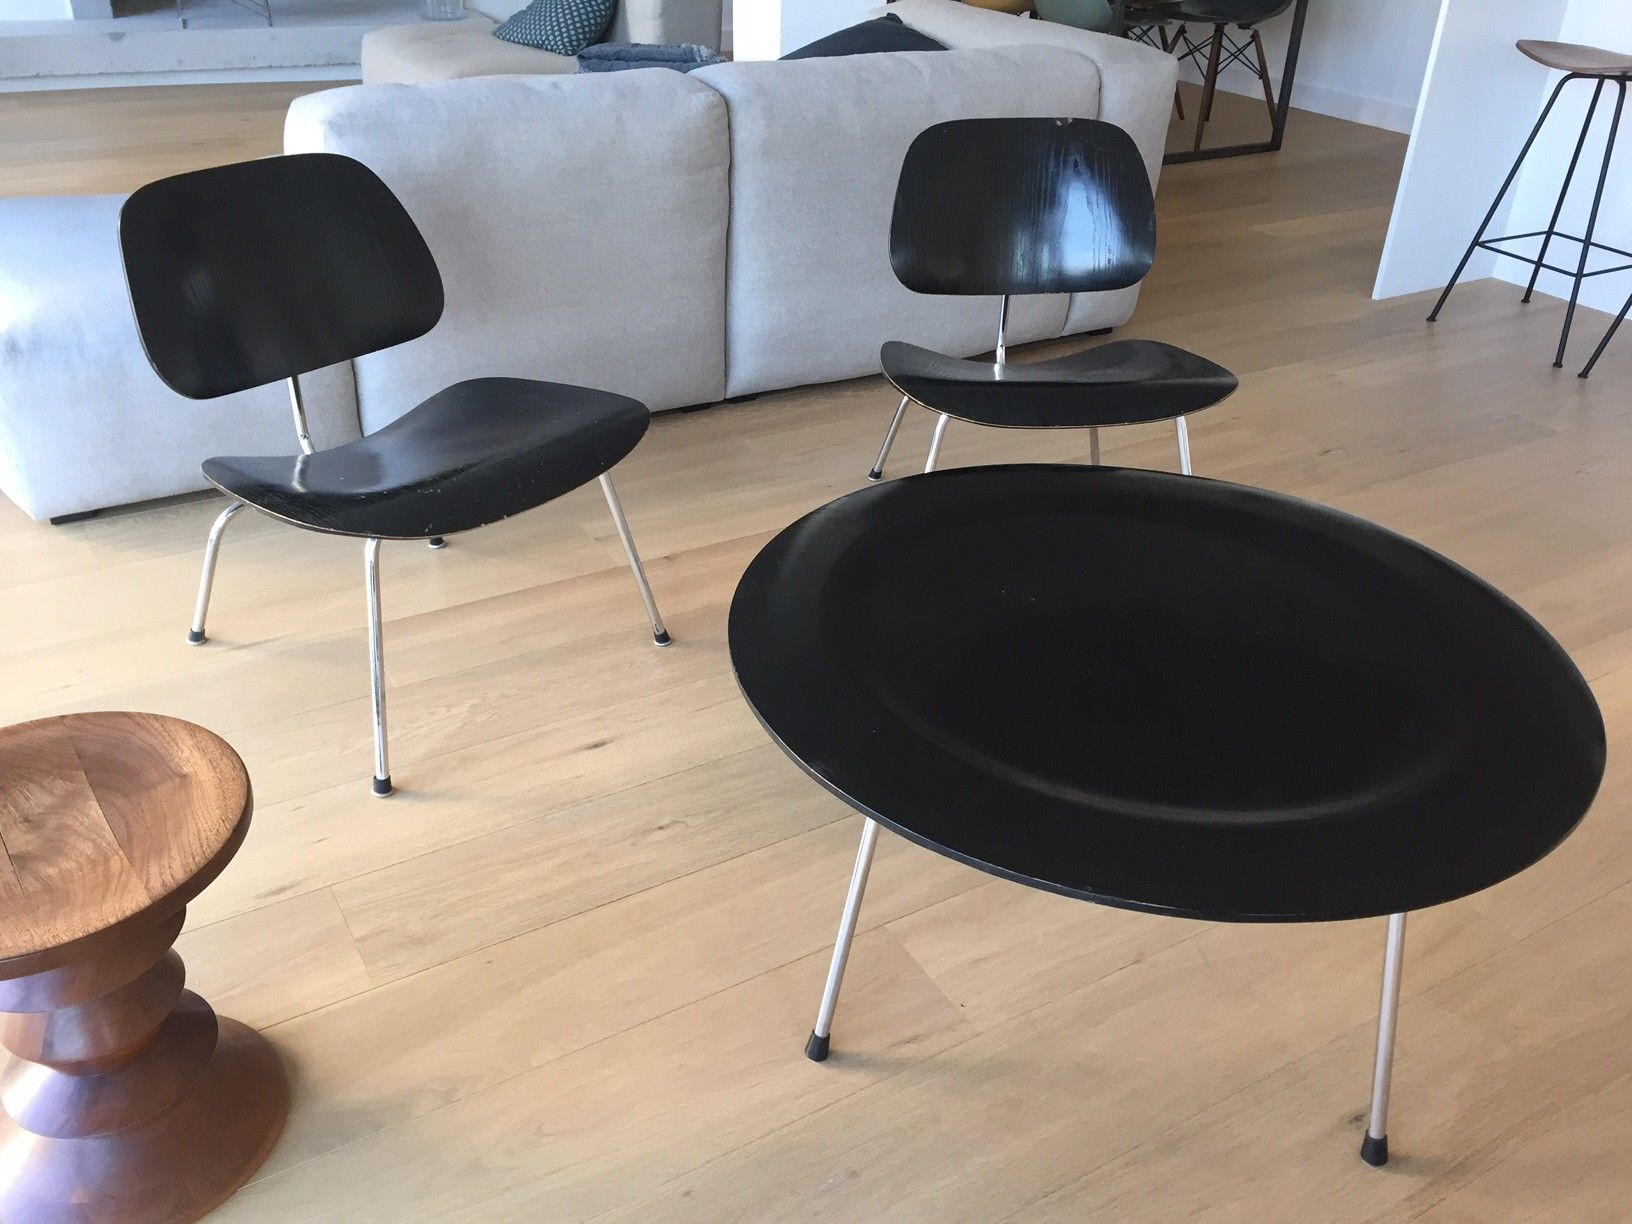 6000feede7159ad8979f7bd390250078 Incroyable De Pied Table Basse Inox Schème